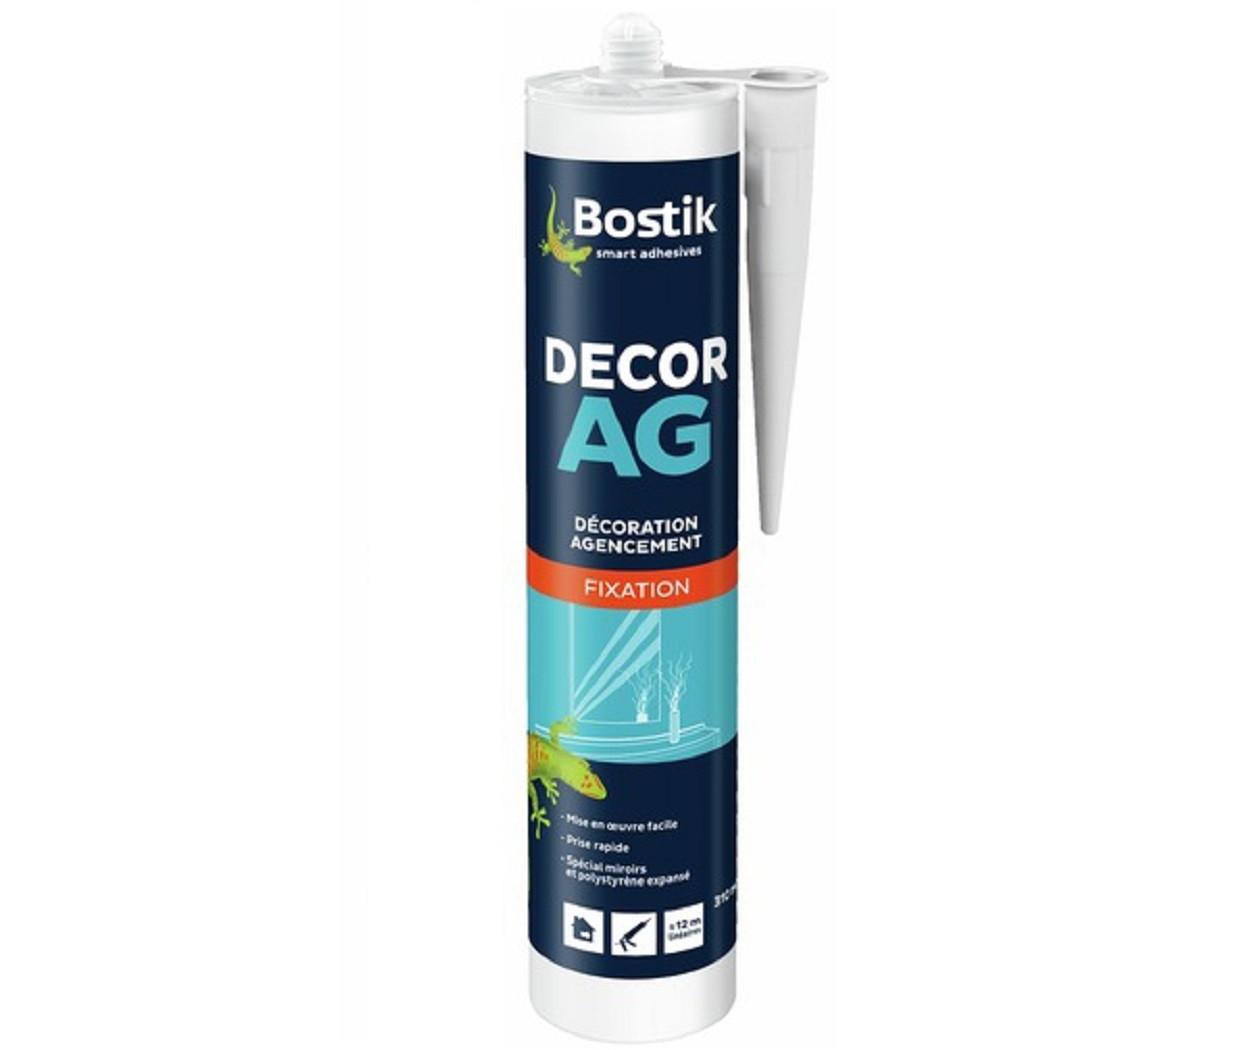 Клей бутадиен-стироловый BOSTIK DÉCOR AG усиленный для любых декоративных элементов кремовый, 310мл